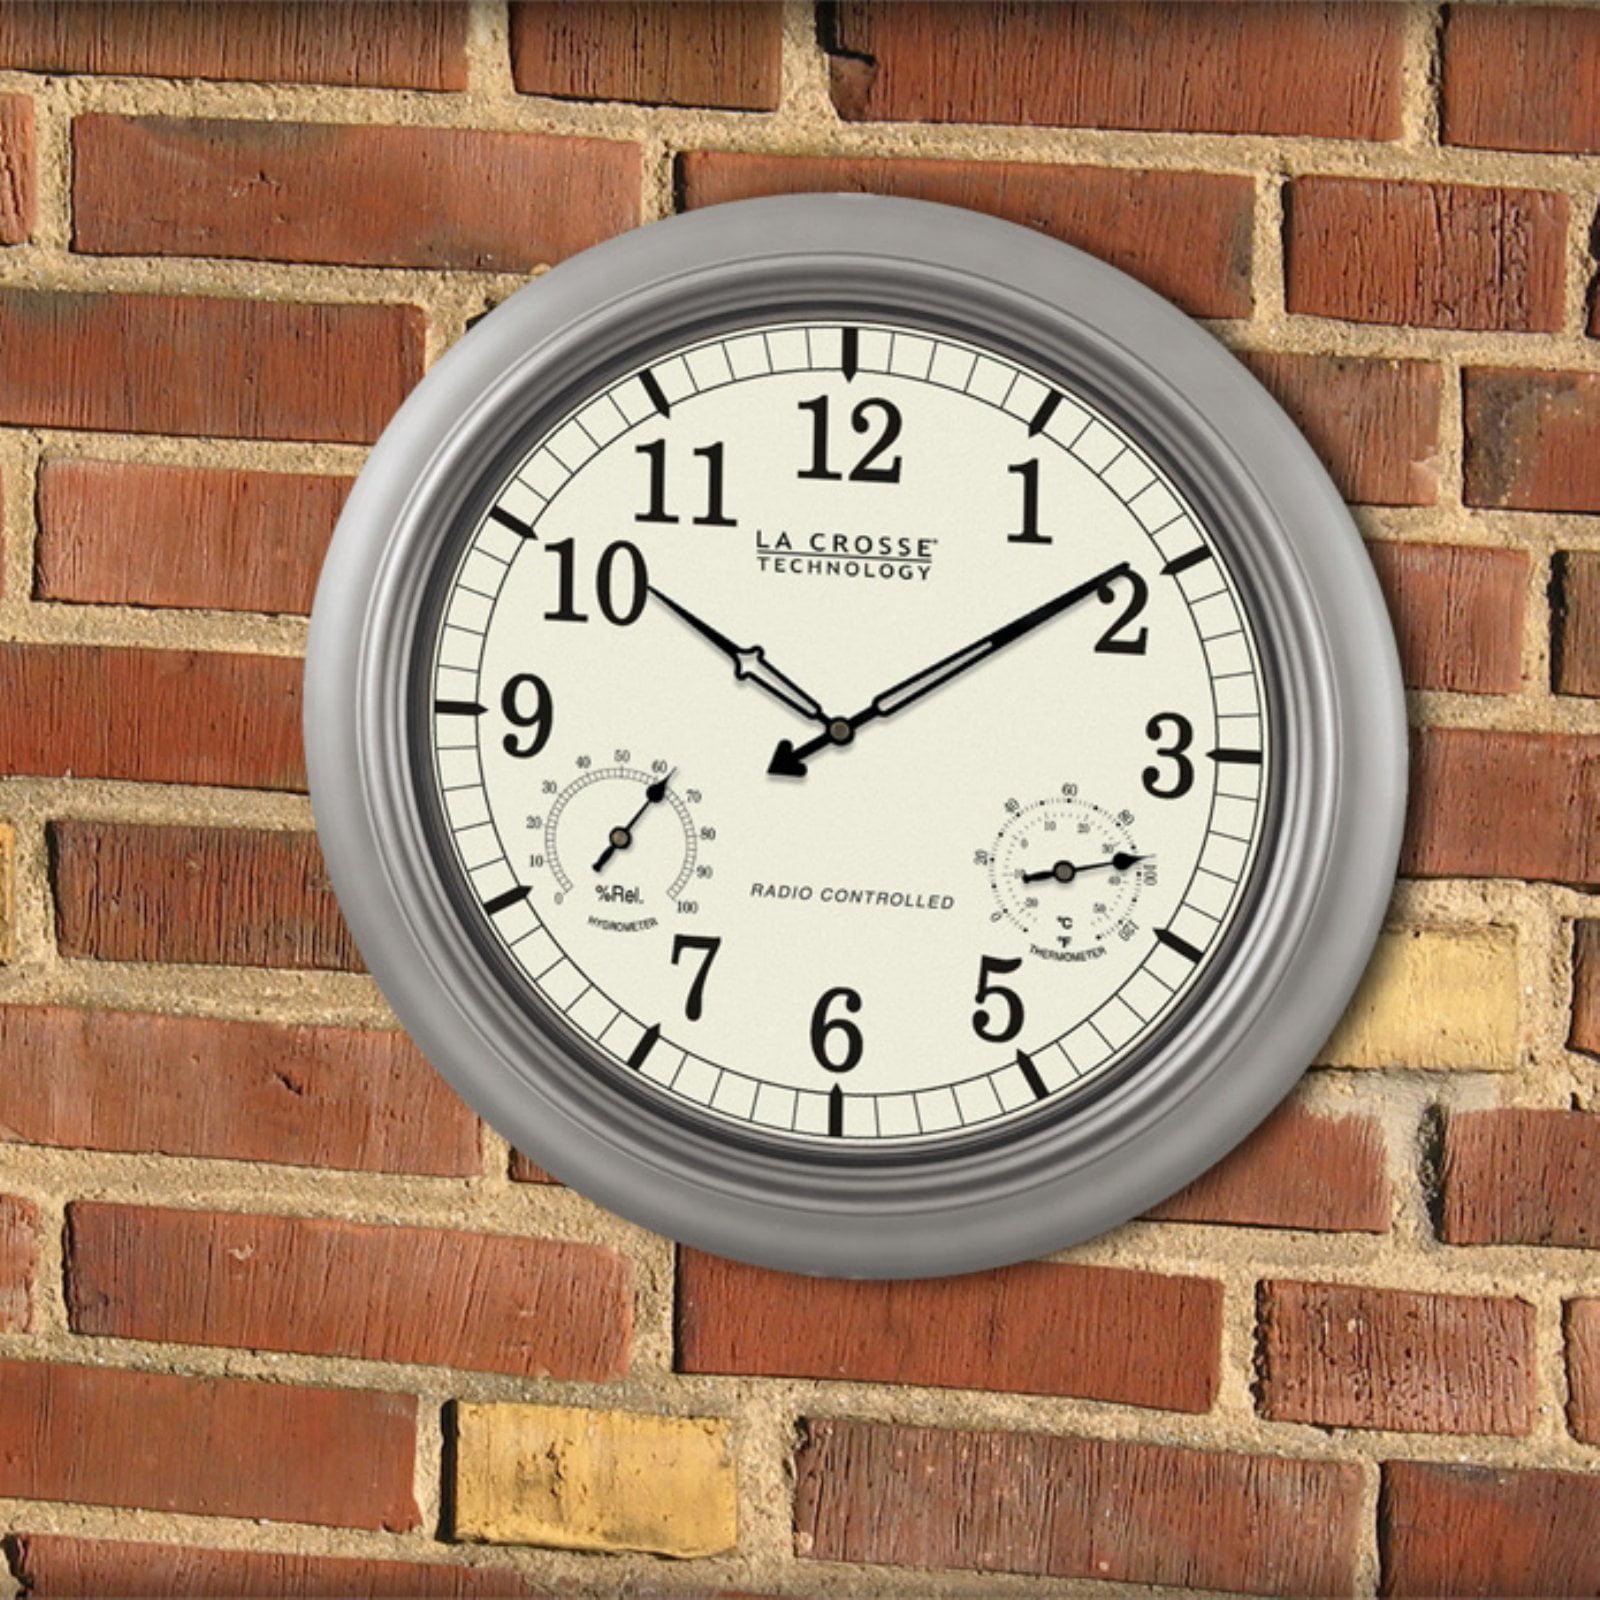 La crosse technology 18 atomic outdoor wall clock walmart amipublicfo Gallery